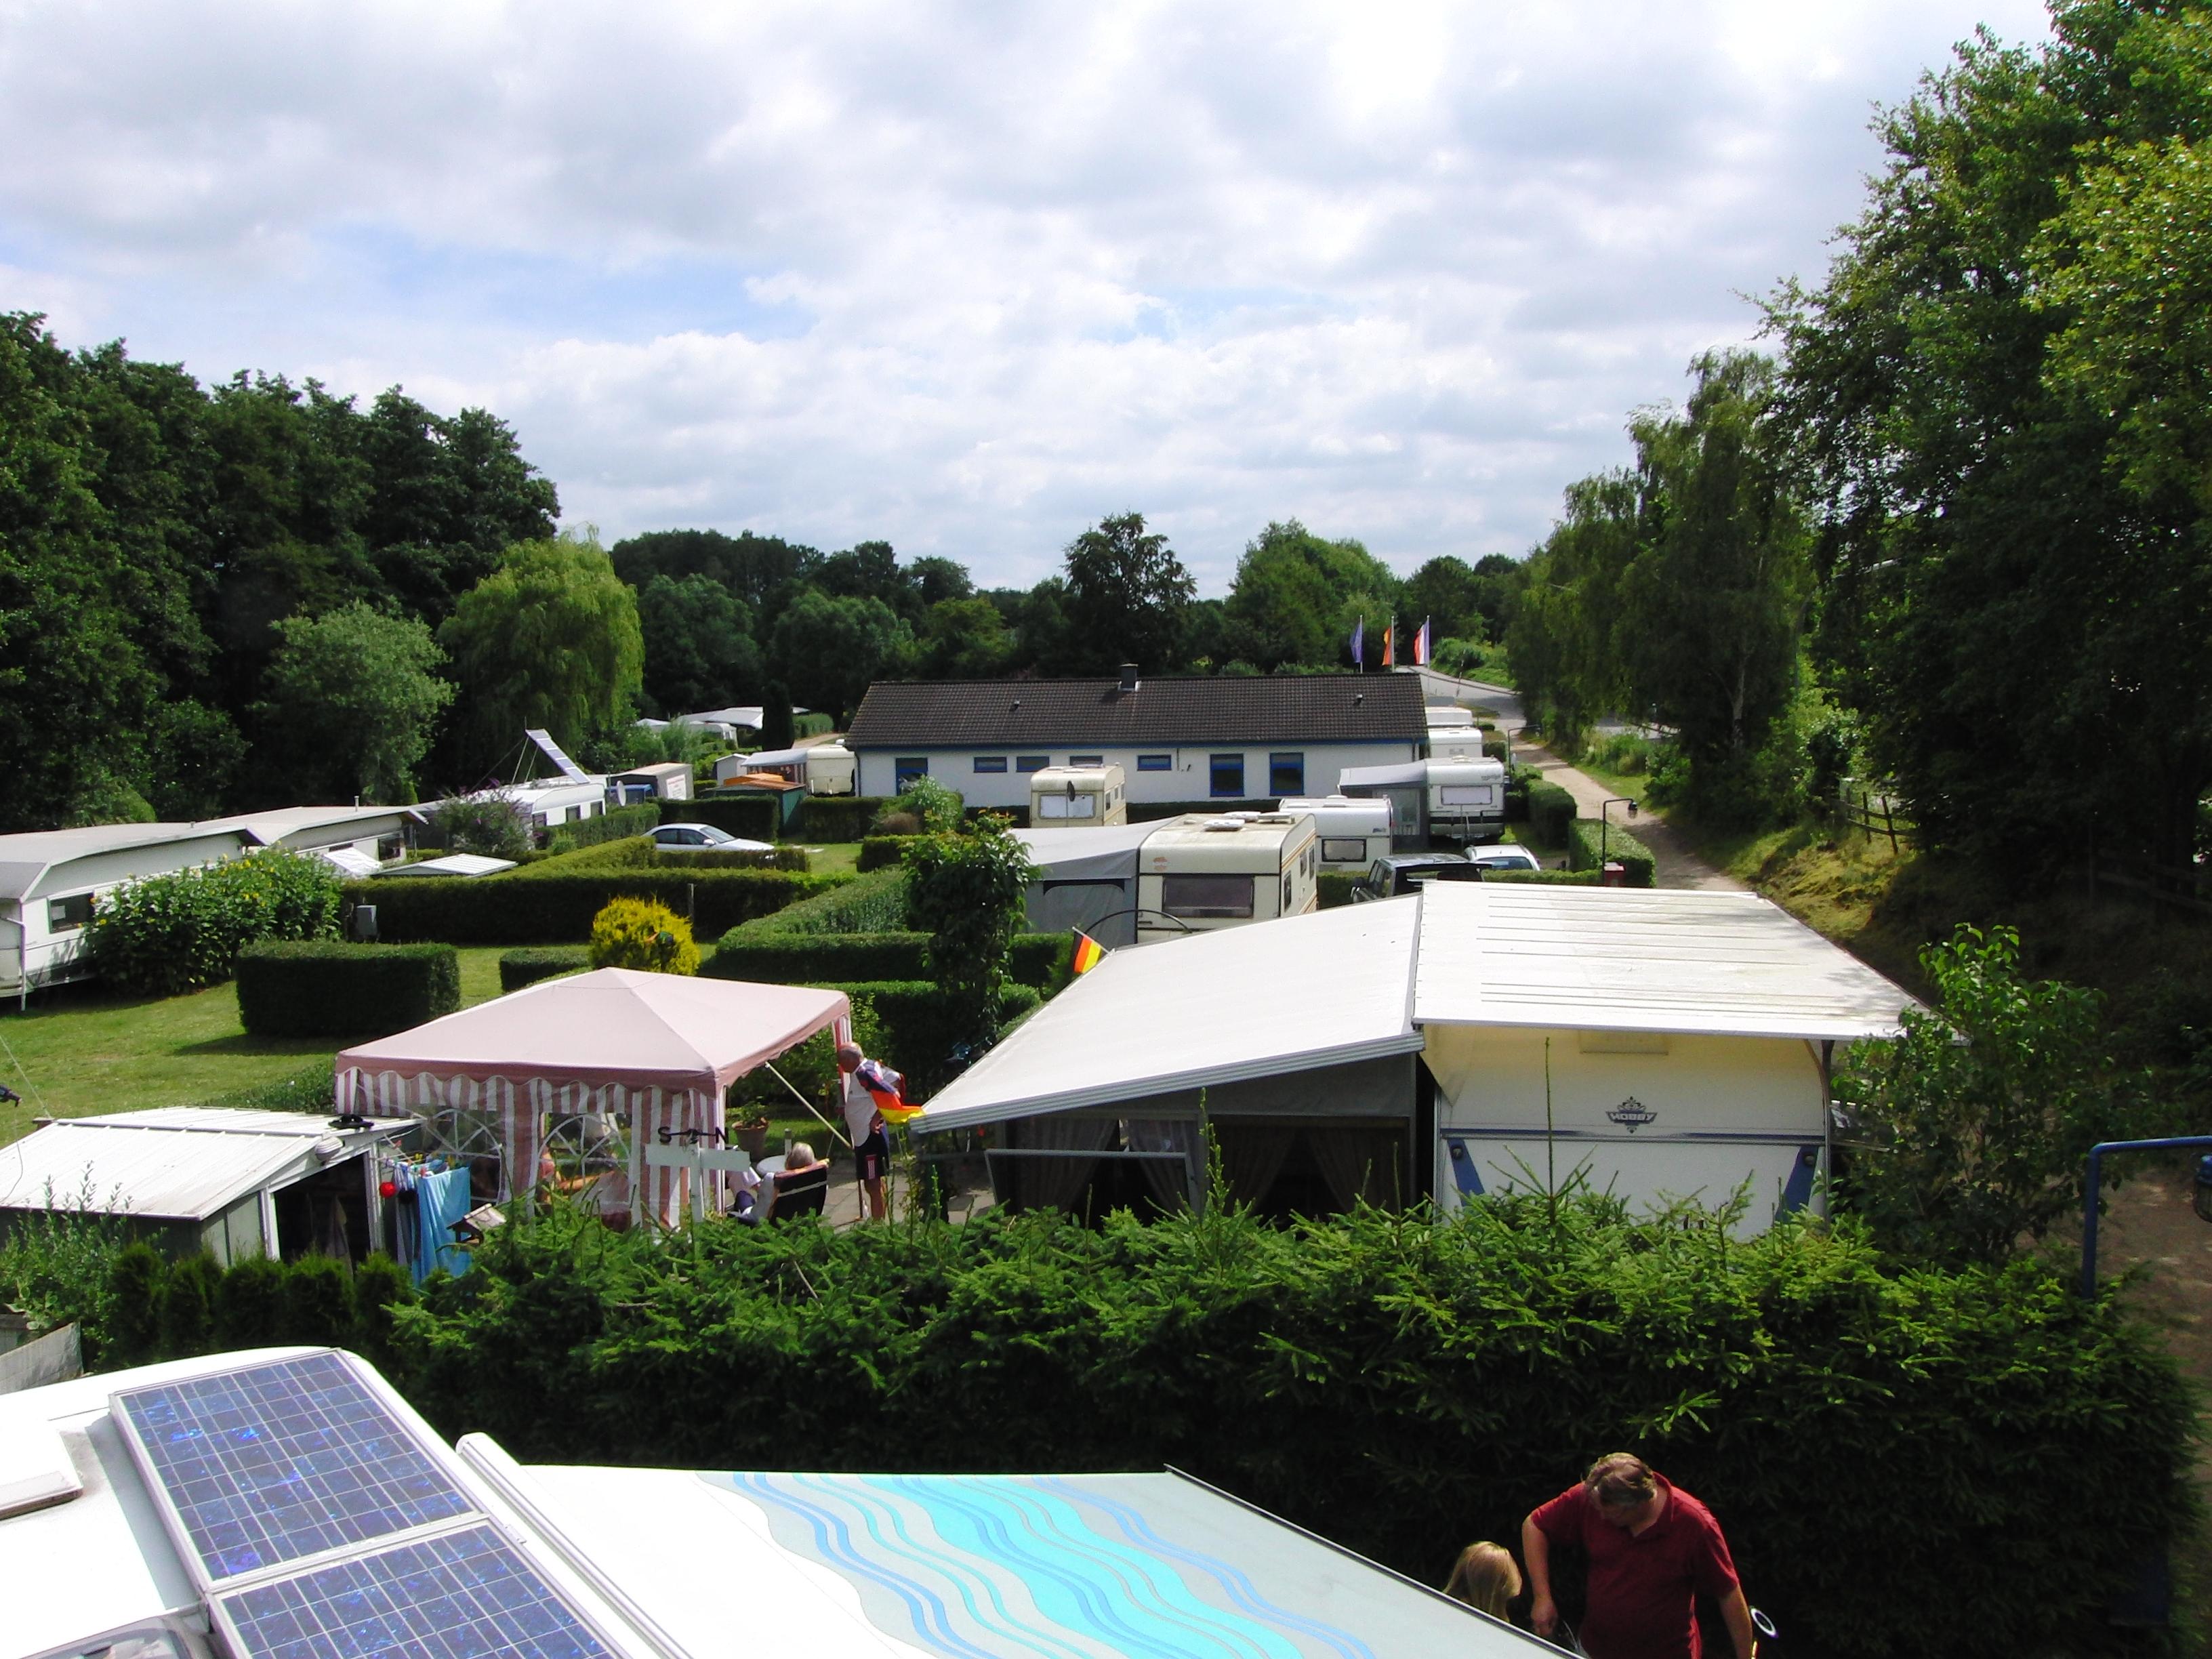 Campingplatz als wohnsitz